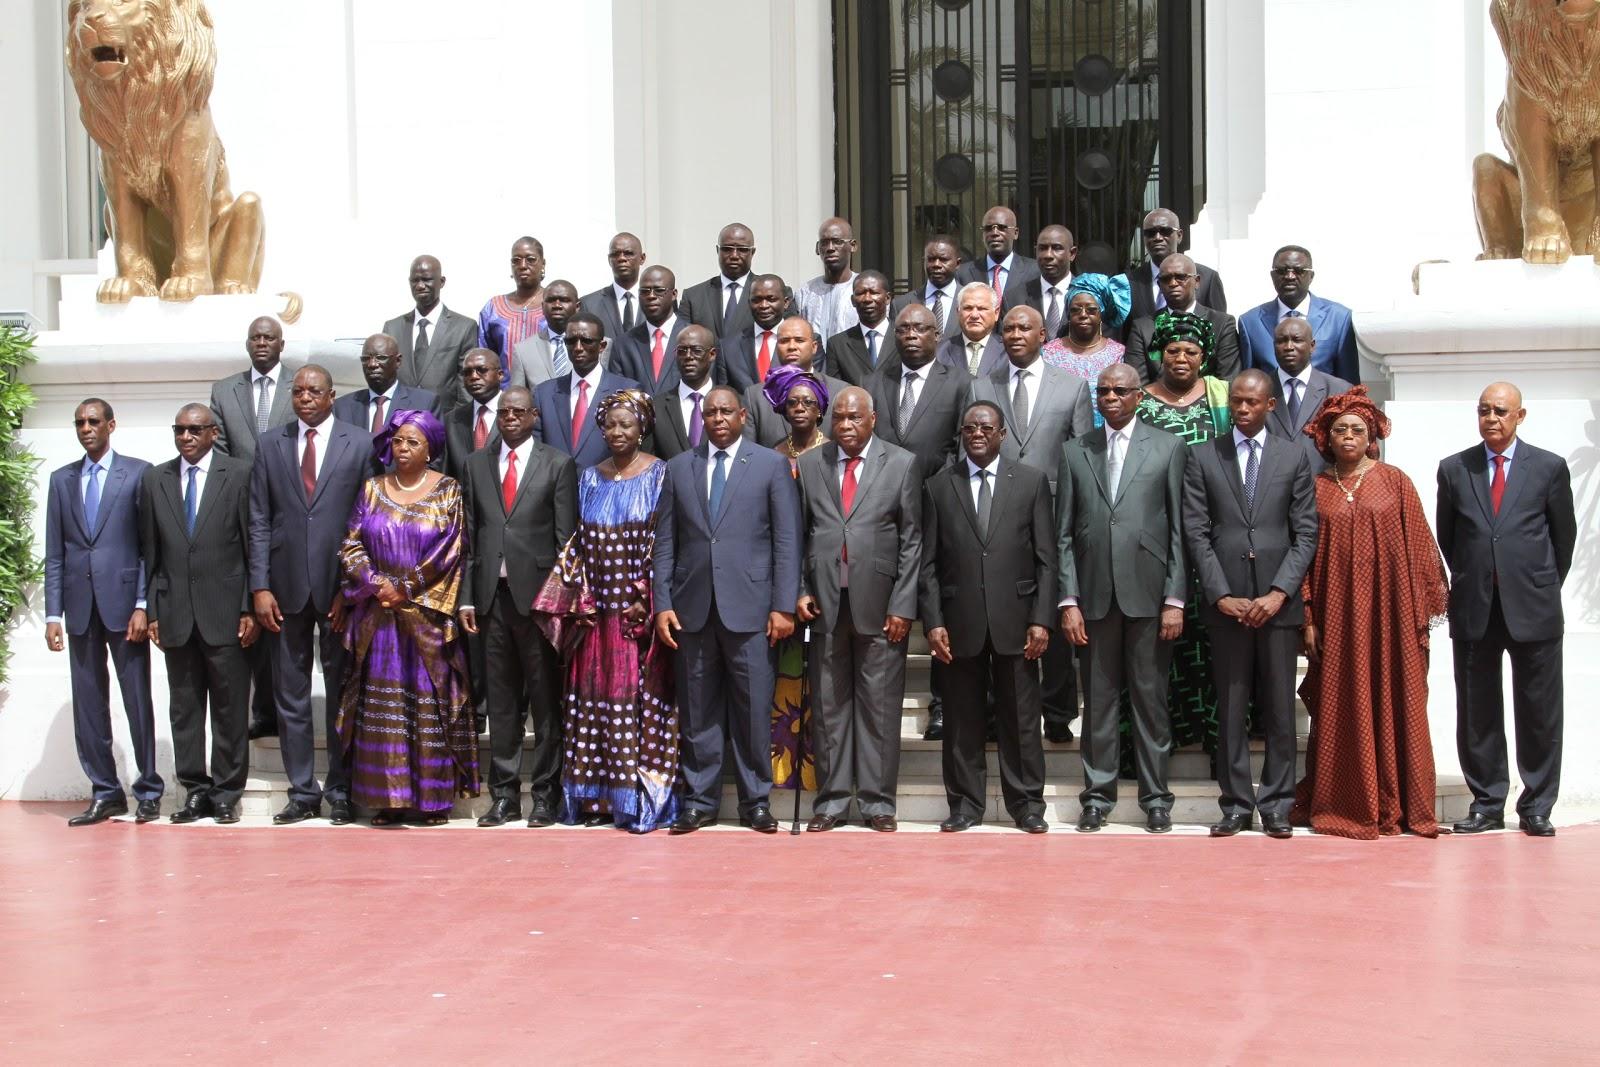 Vacances gouvernementales : Un mois de repos pour les ministres